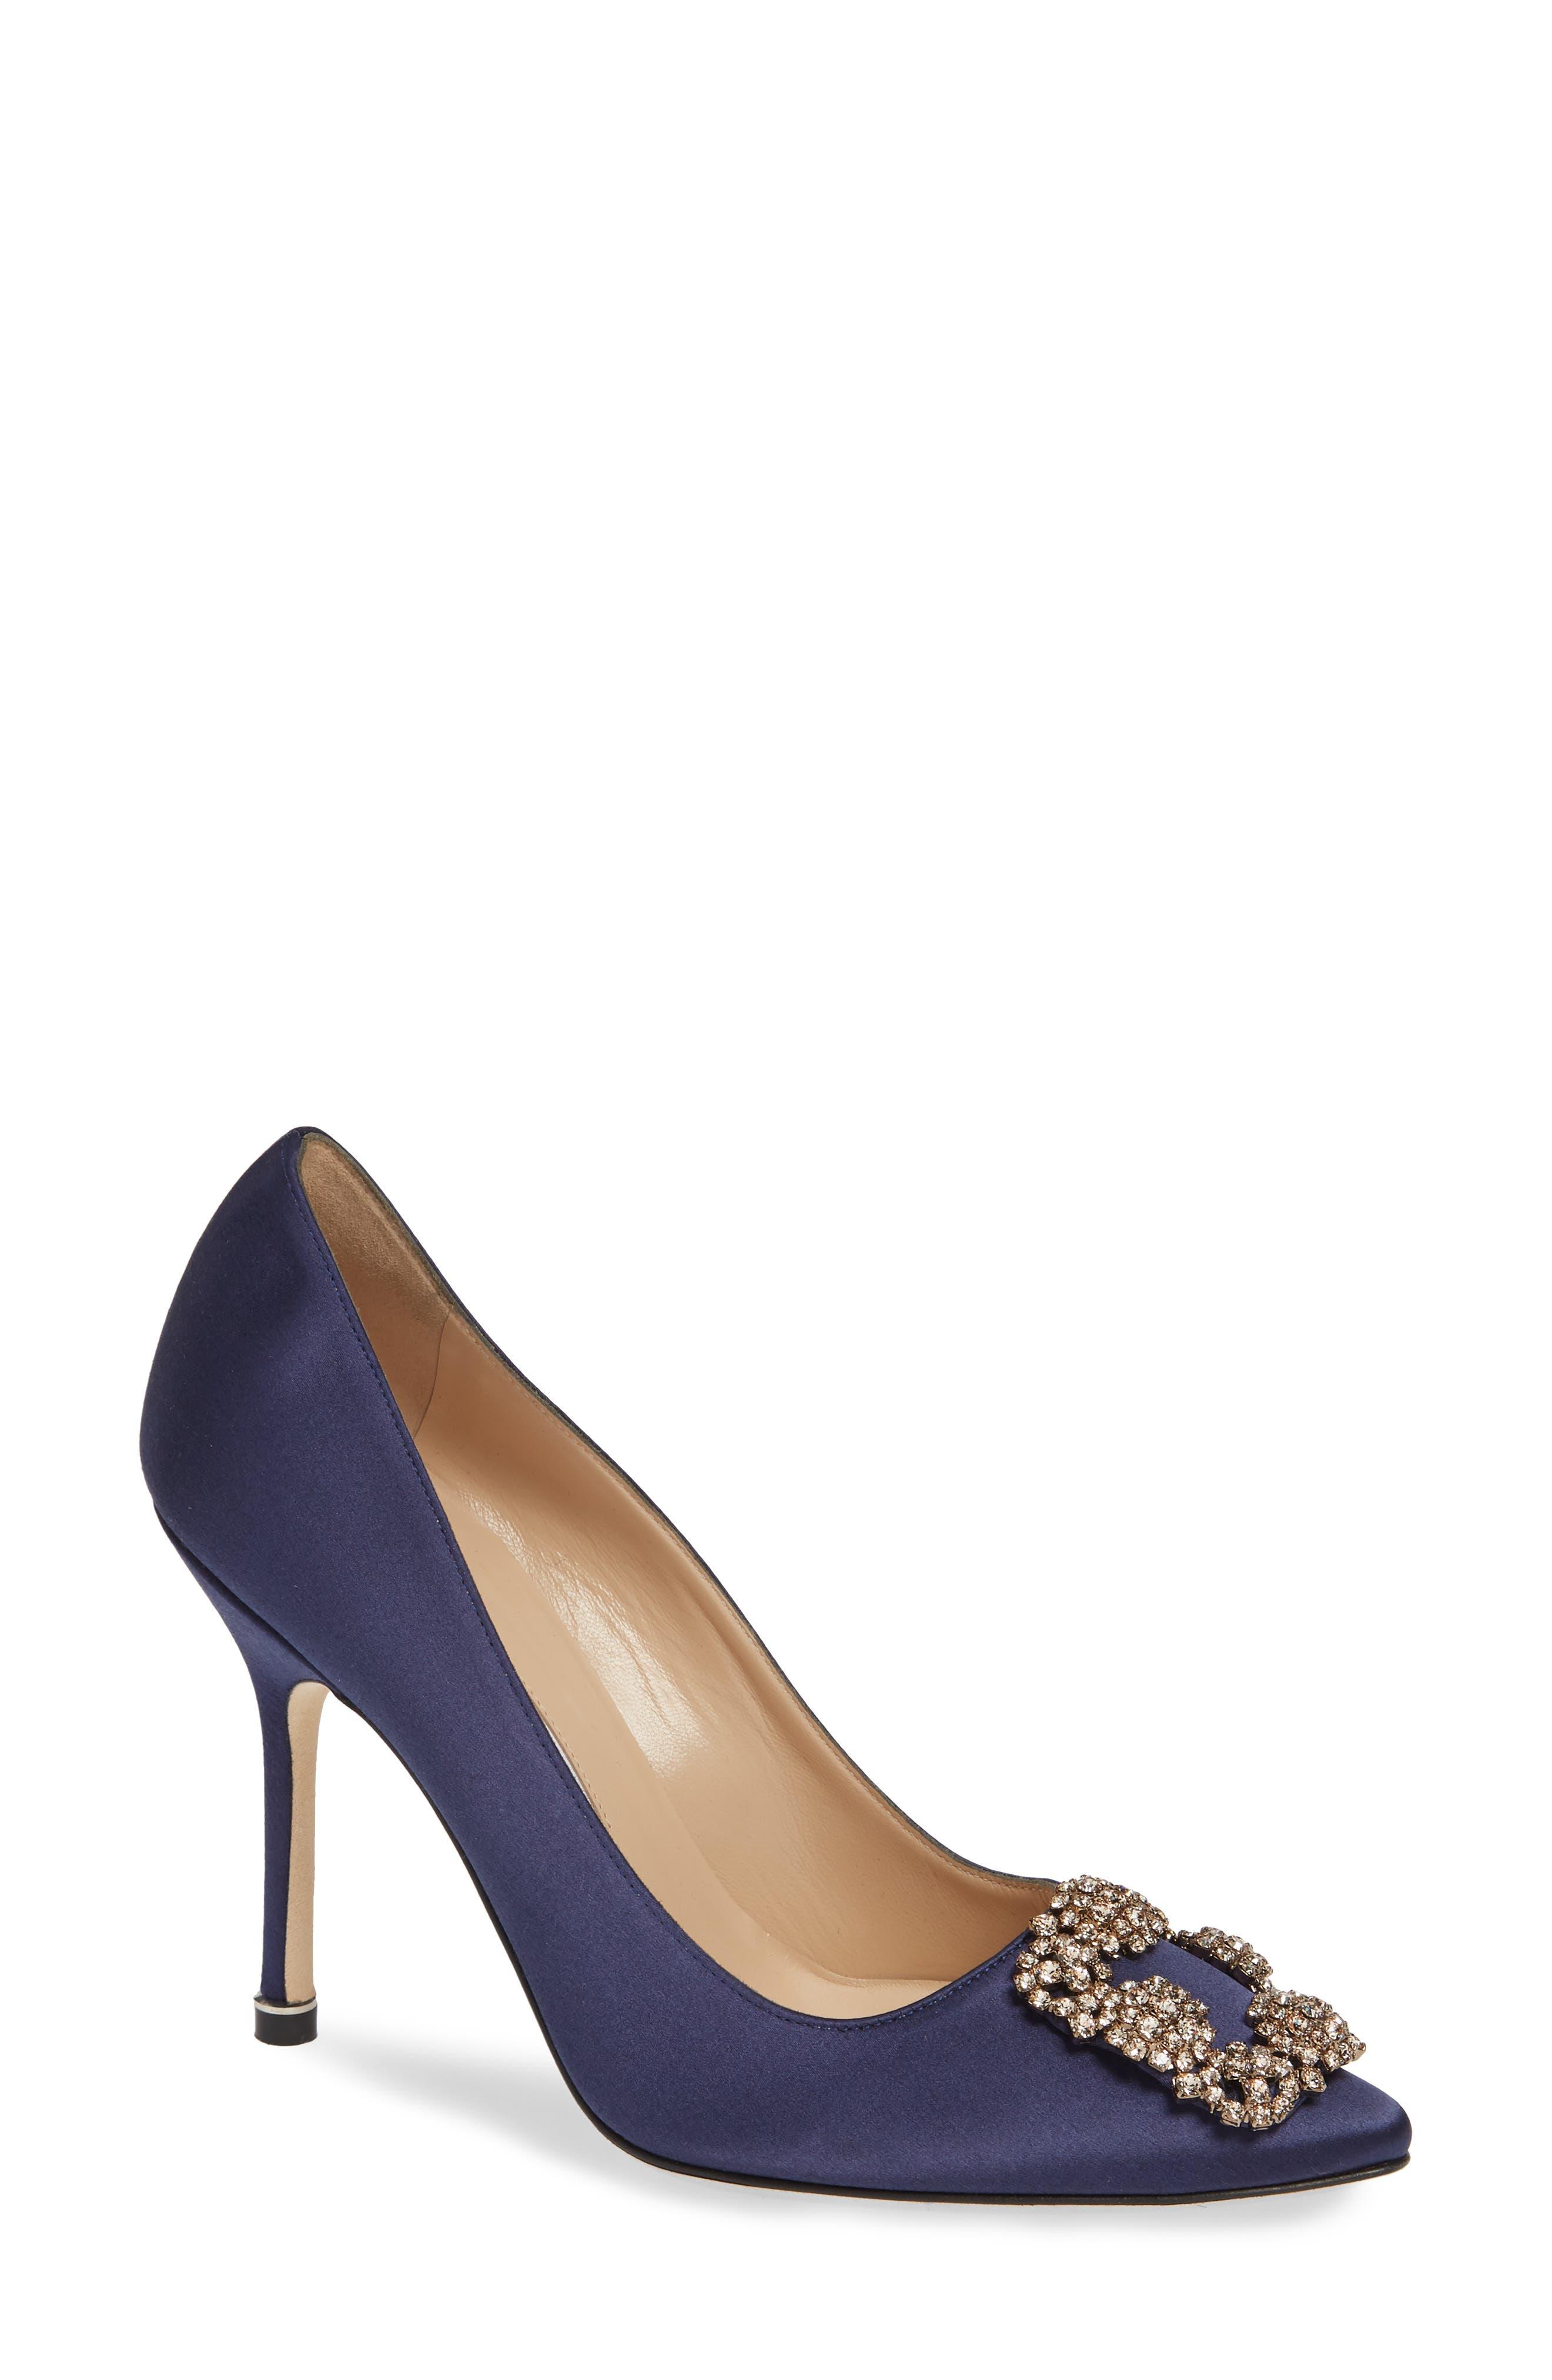 e62803720d4 Women s Heels